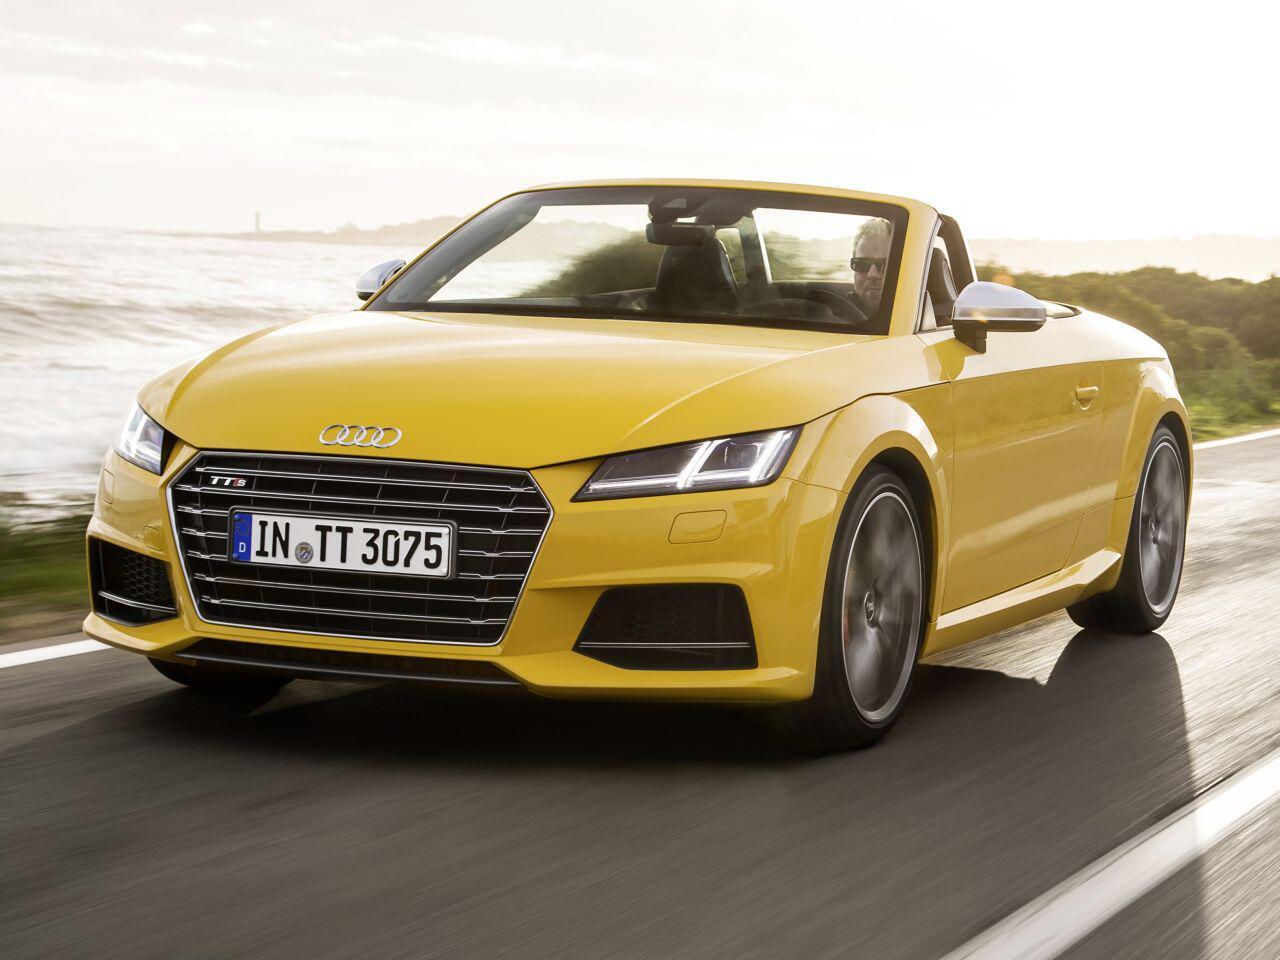 Bild zu Bestseller: Die beliebtesten Modelle deutscher Automarken im Jahr 2017